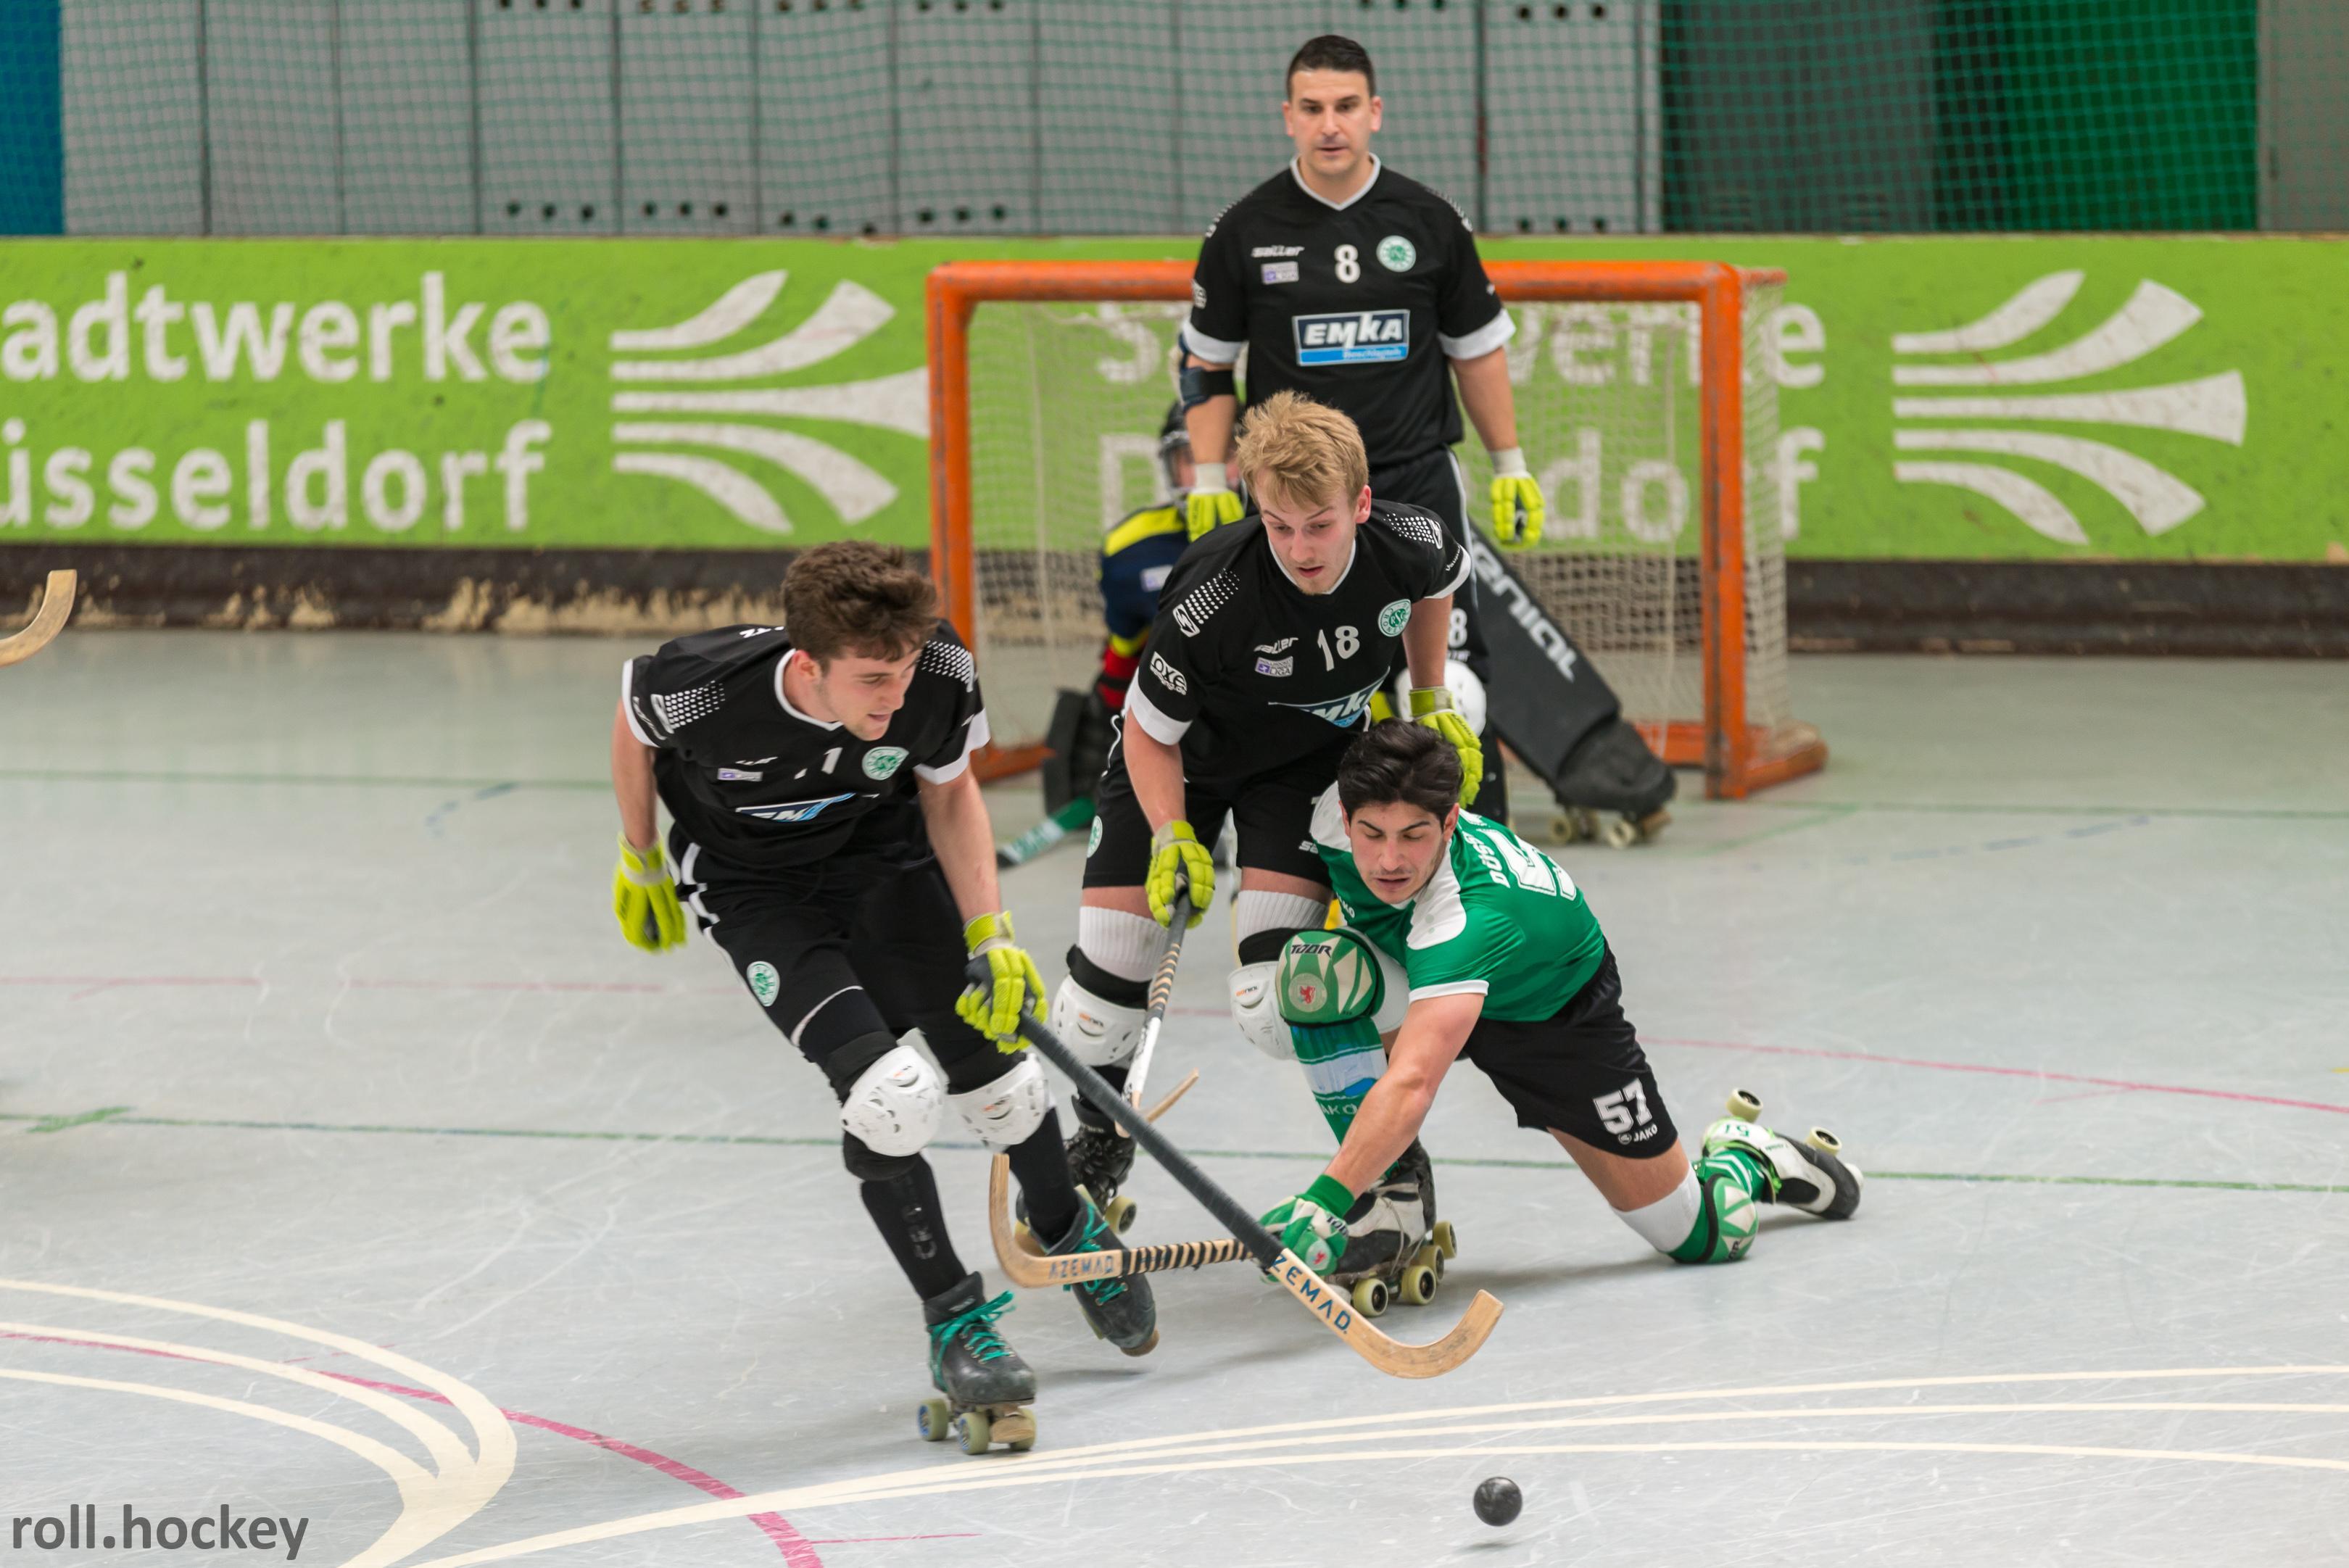 RSC Cronenberg Rollhockey Bundesliga Herren Spieltag 29.04.2018